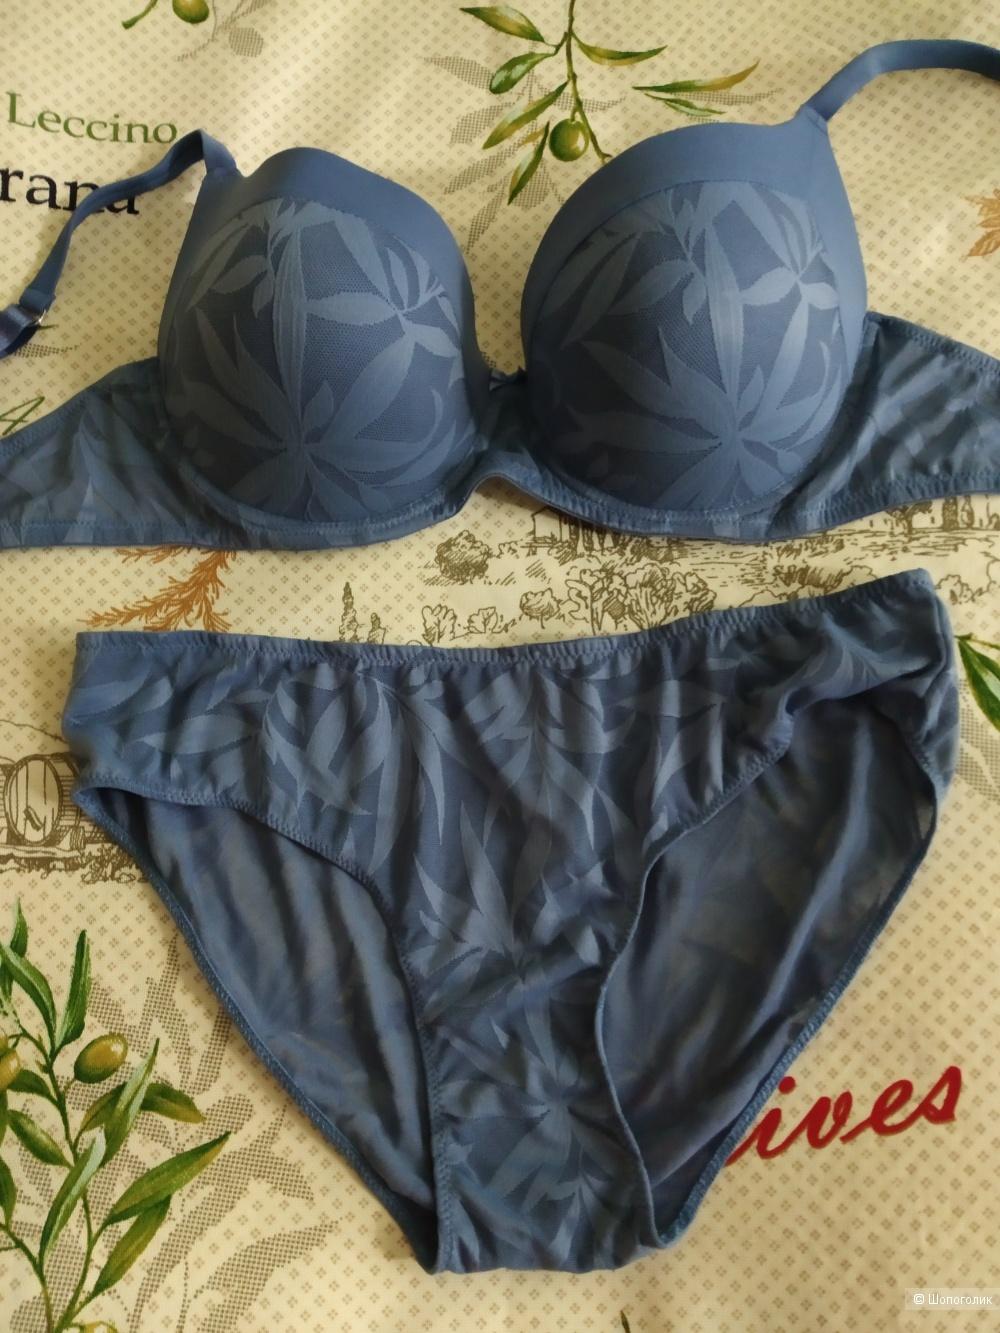 Комплект нижнего белья, Lormar Lea, размер 5C